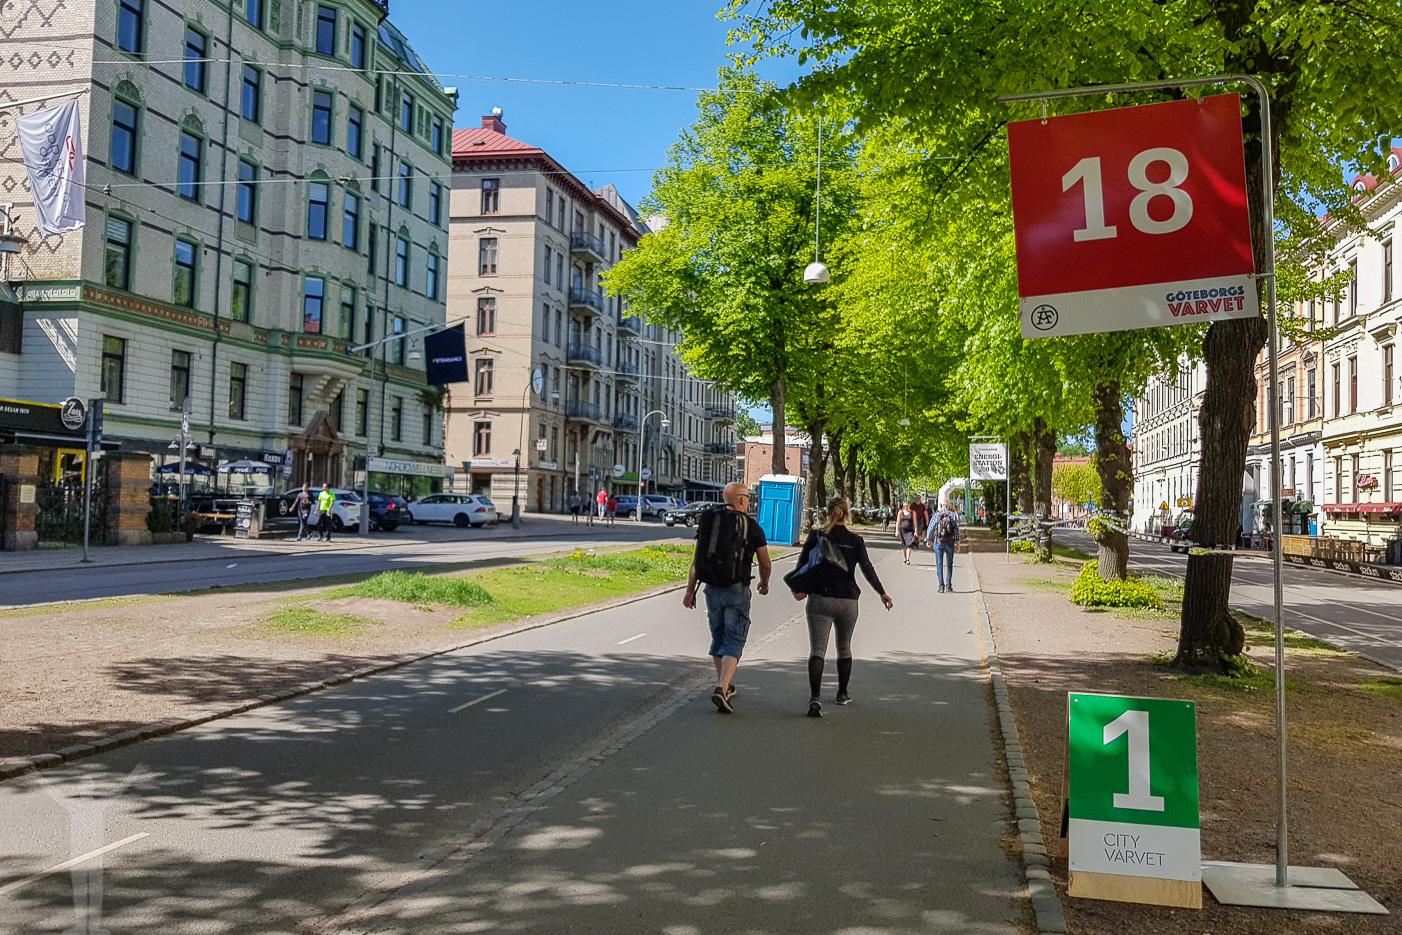 18 kilometersmarkeringen på Vasagatan